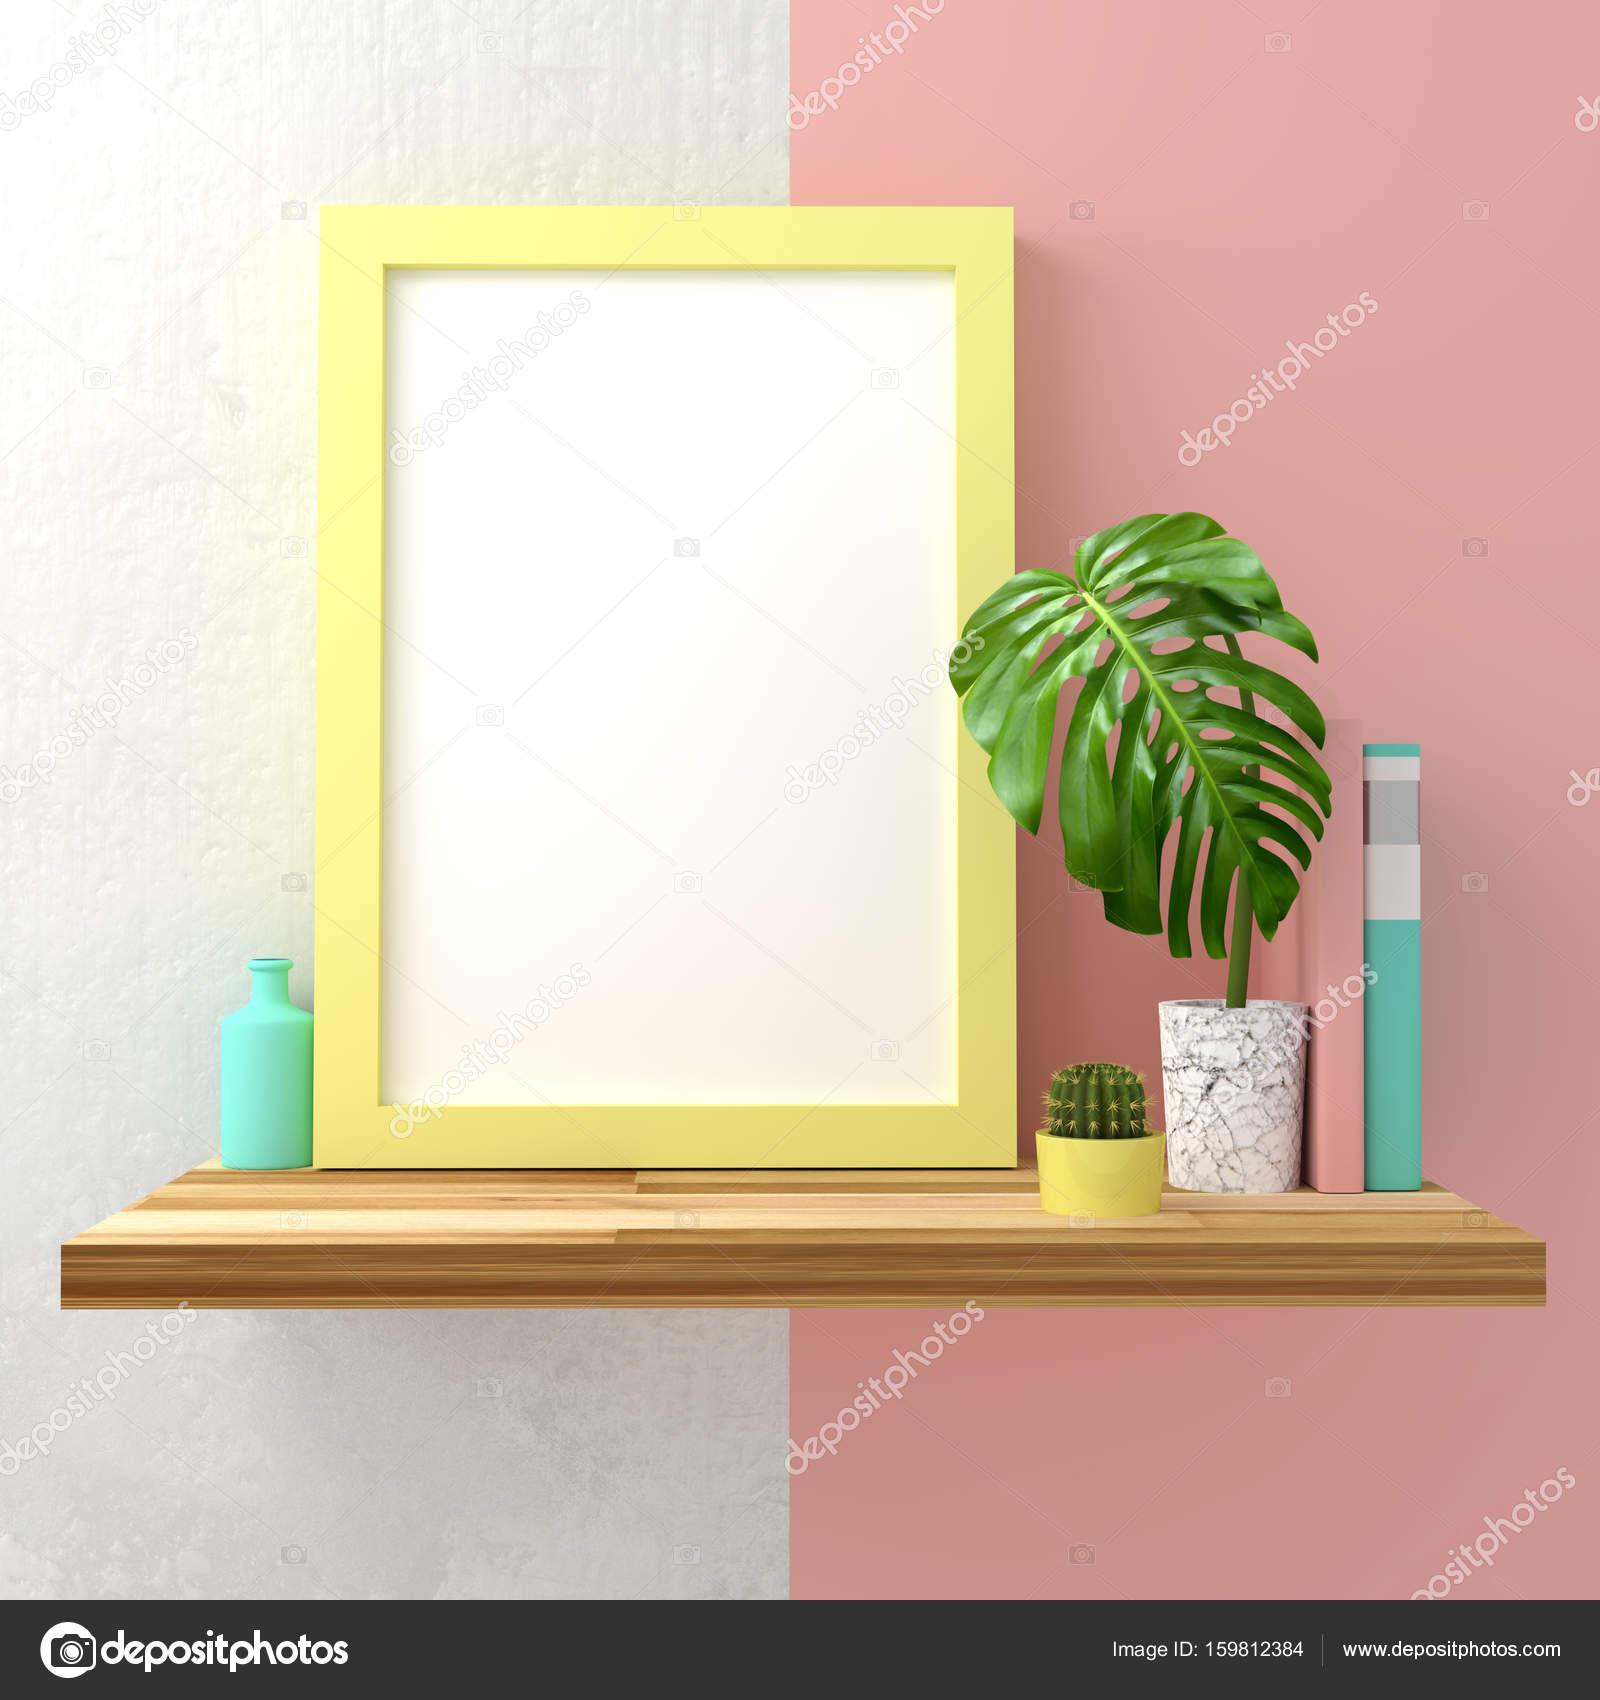 Pastell Rahmen Mock Up — Stockfoto © solarseven #159812384